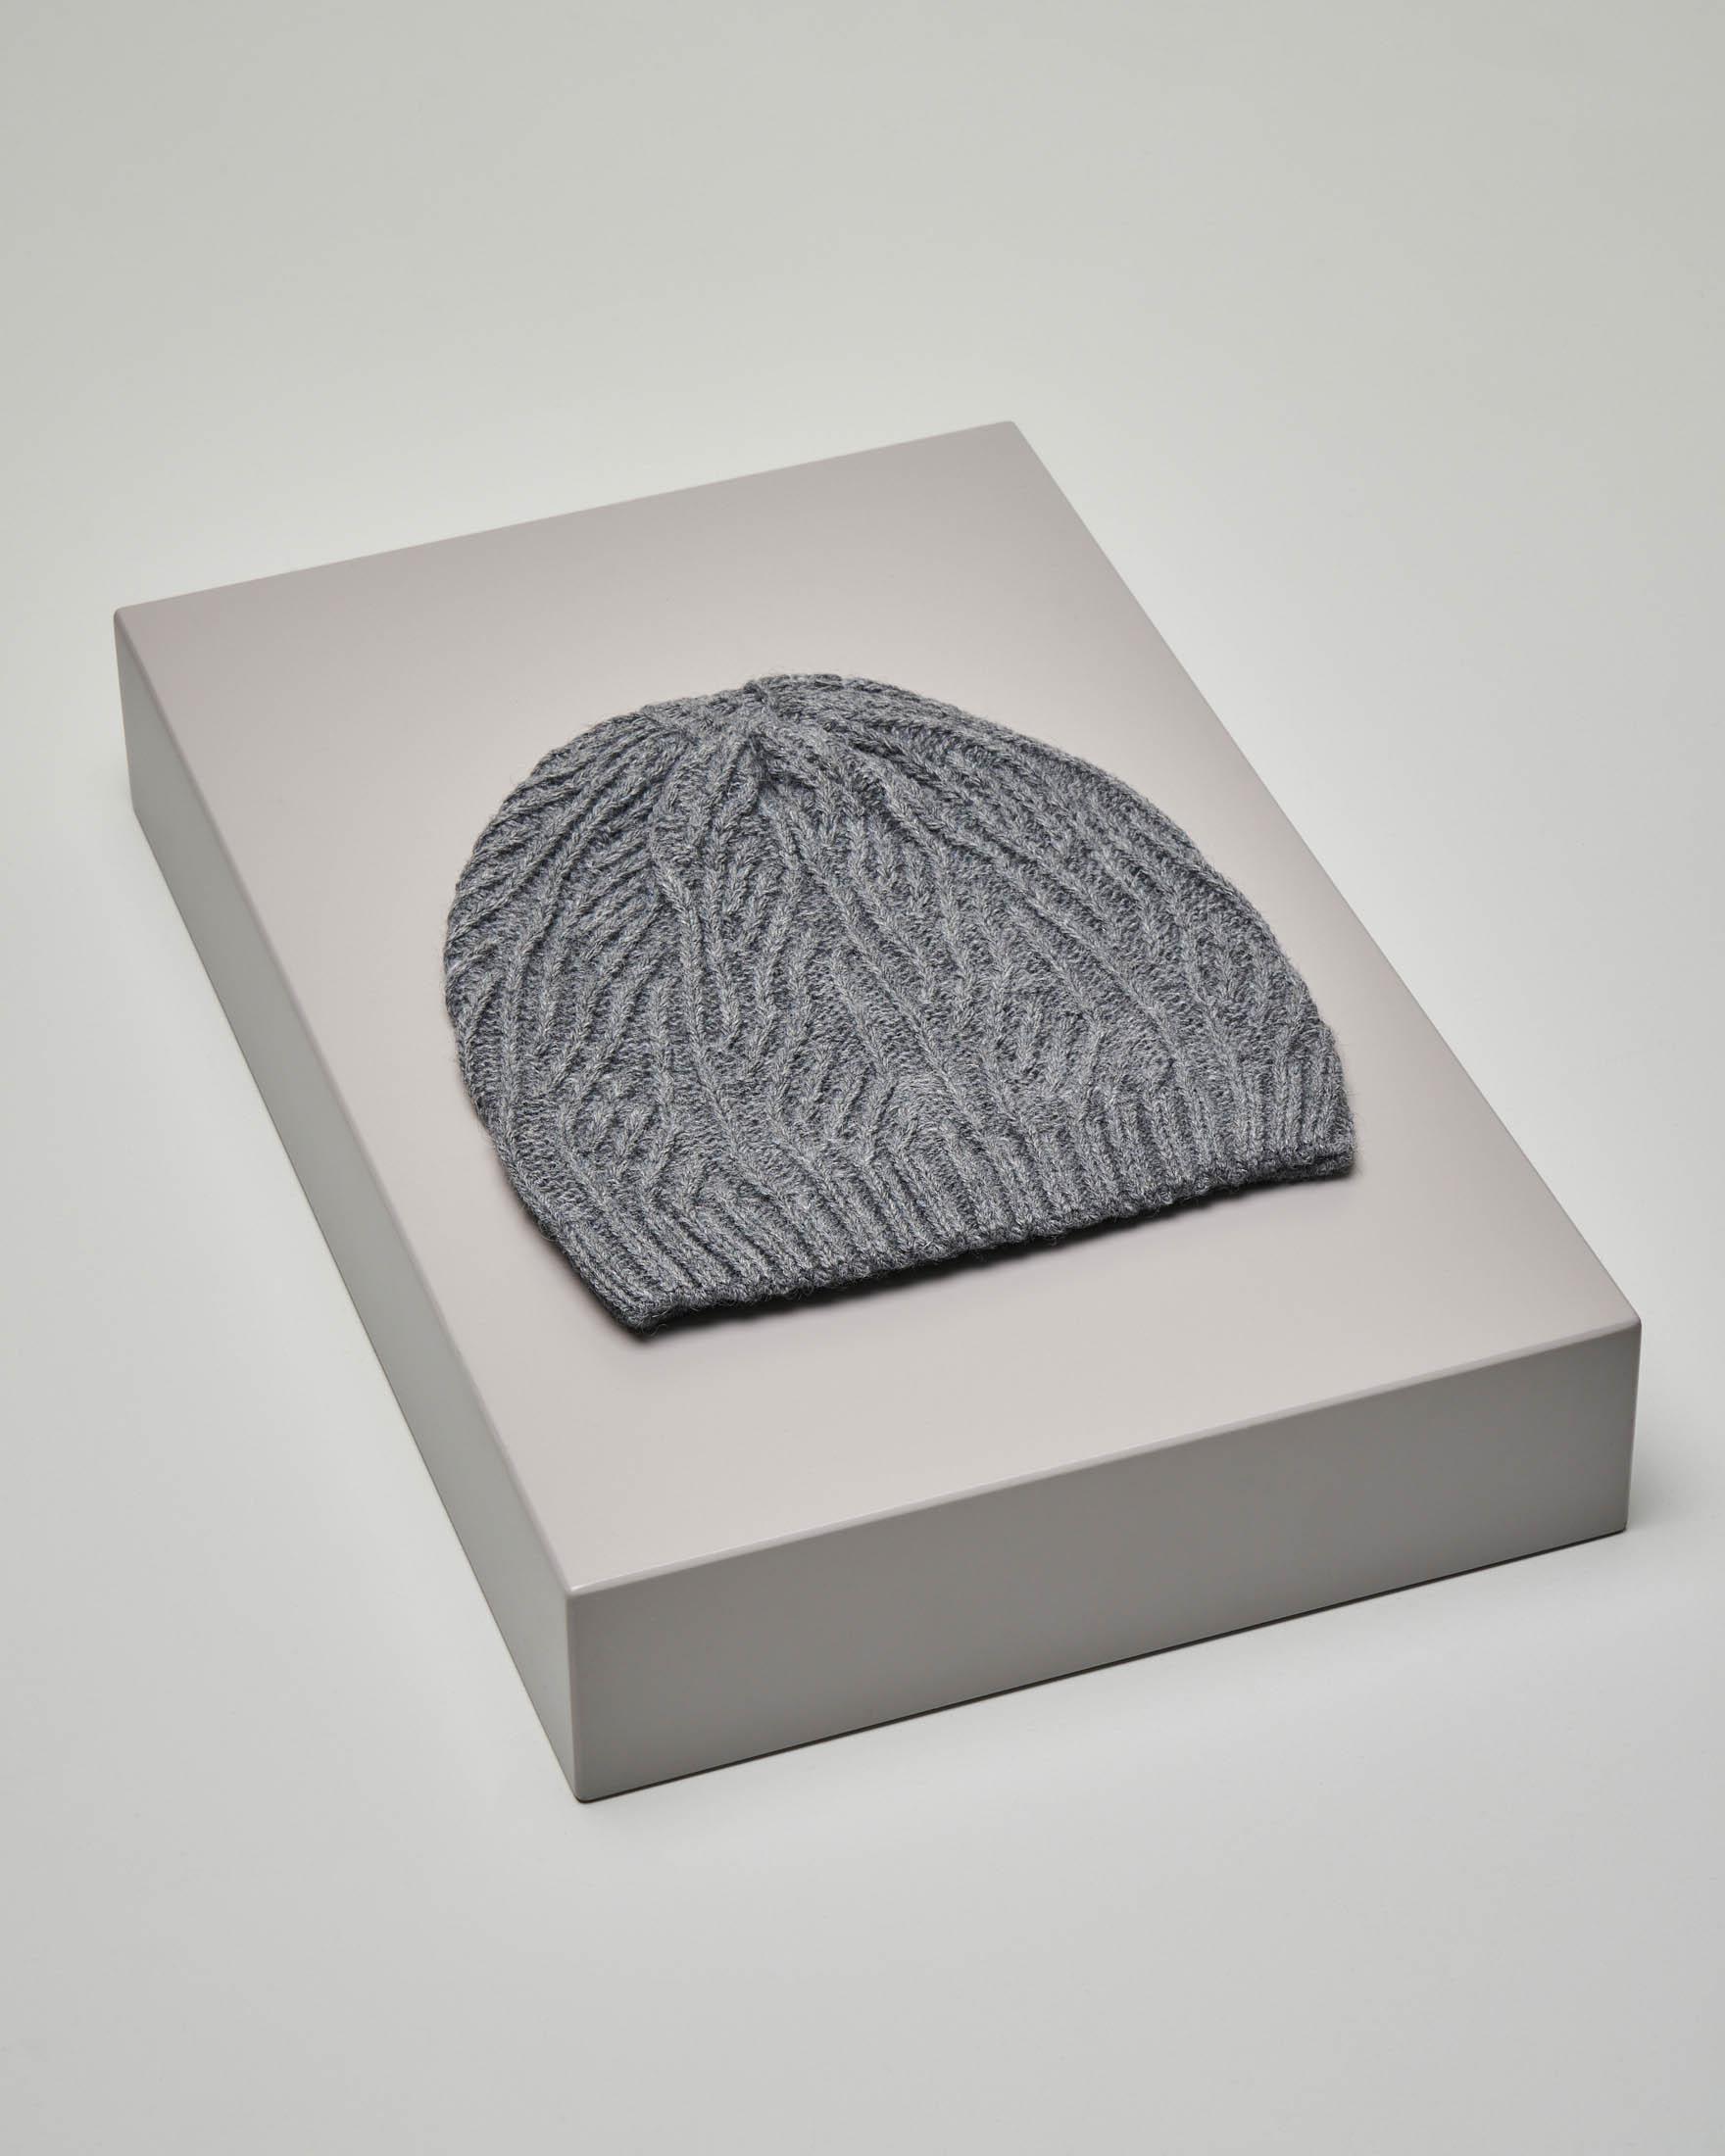 Cuffia grigio melange in misto lana lavorazione a trecce